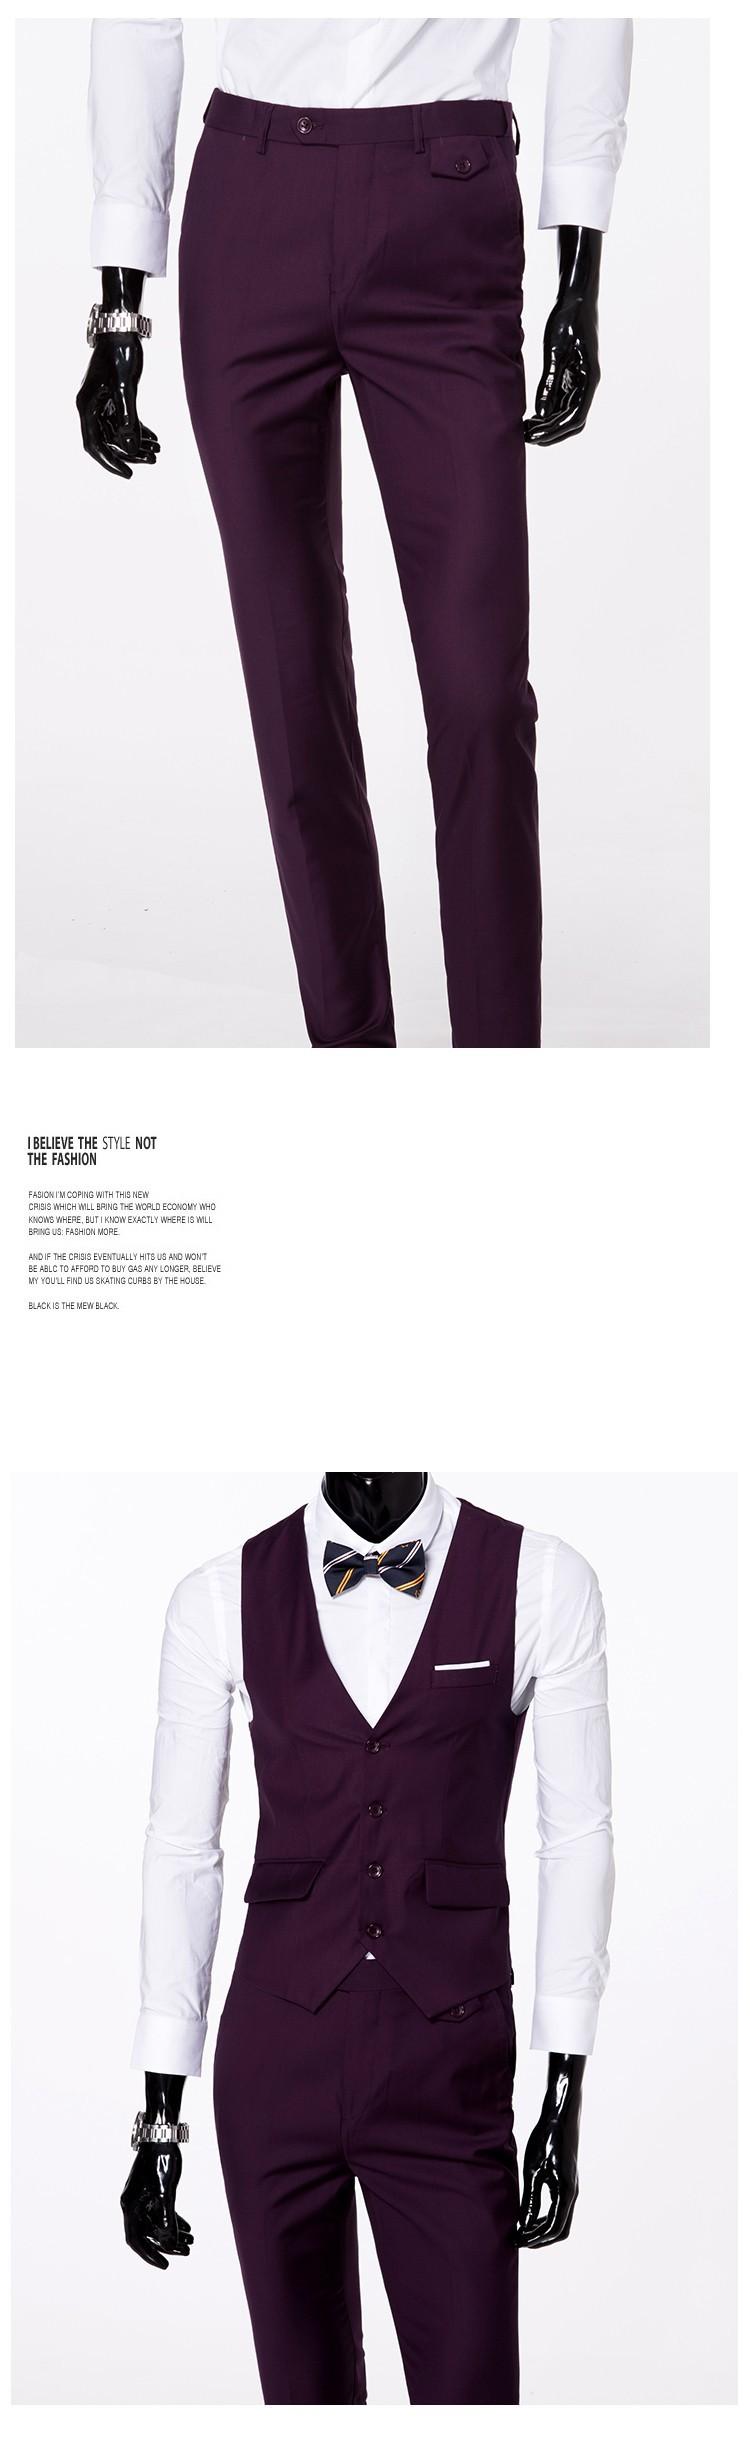 (Kurtka + kamizelka + spodnie) 2017 Nowa wiosna marka koszulka Męska slim fit Firm a trzyczęściowe Garnitury/Męskie dobrej groom dress/mężczyźni Blazers 18